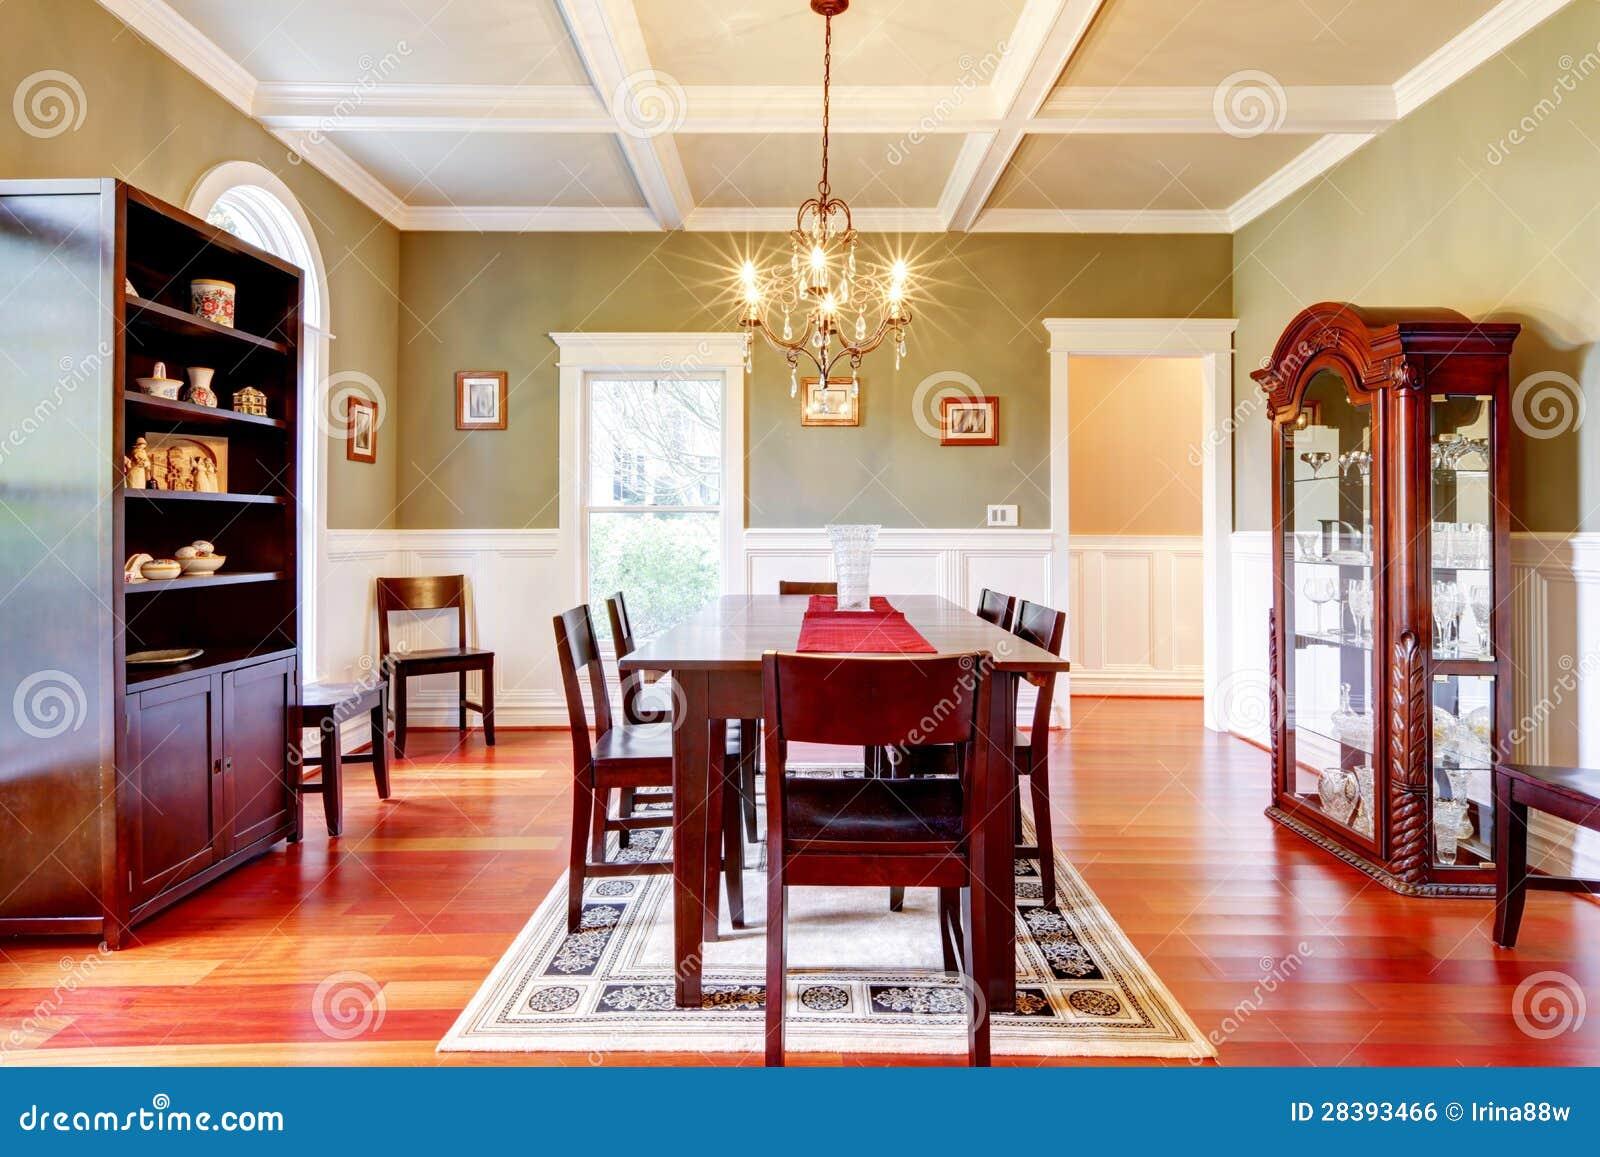 Immagine Stock Libera Da Diritti: Sala Da Pranzo Verde Elegante Di  #A93622 1300 957 Que Es Sala Da Pranzo